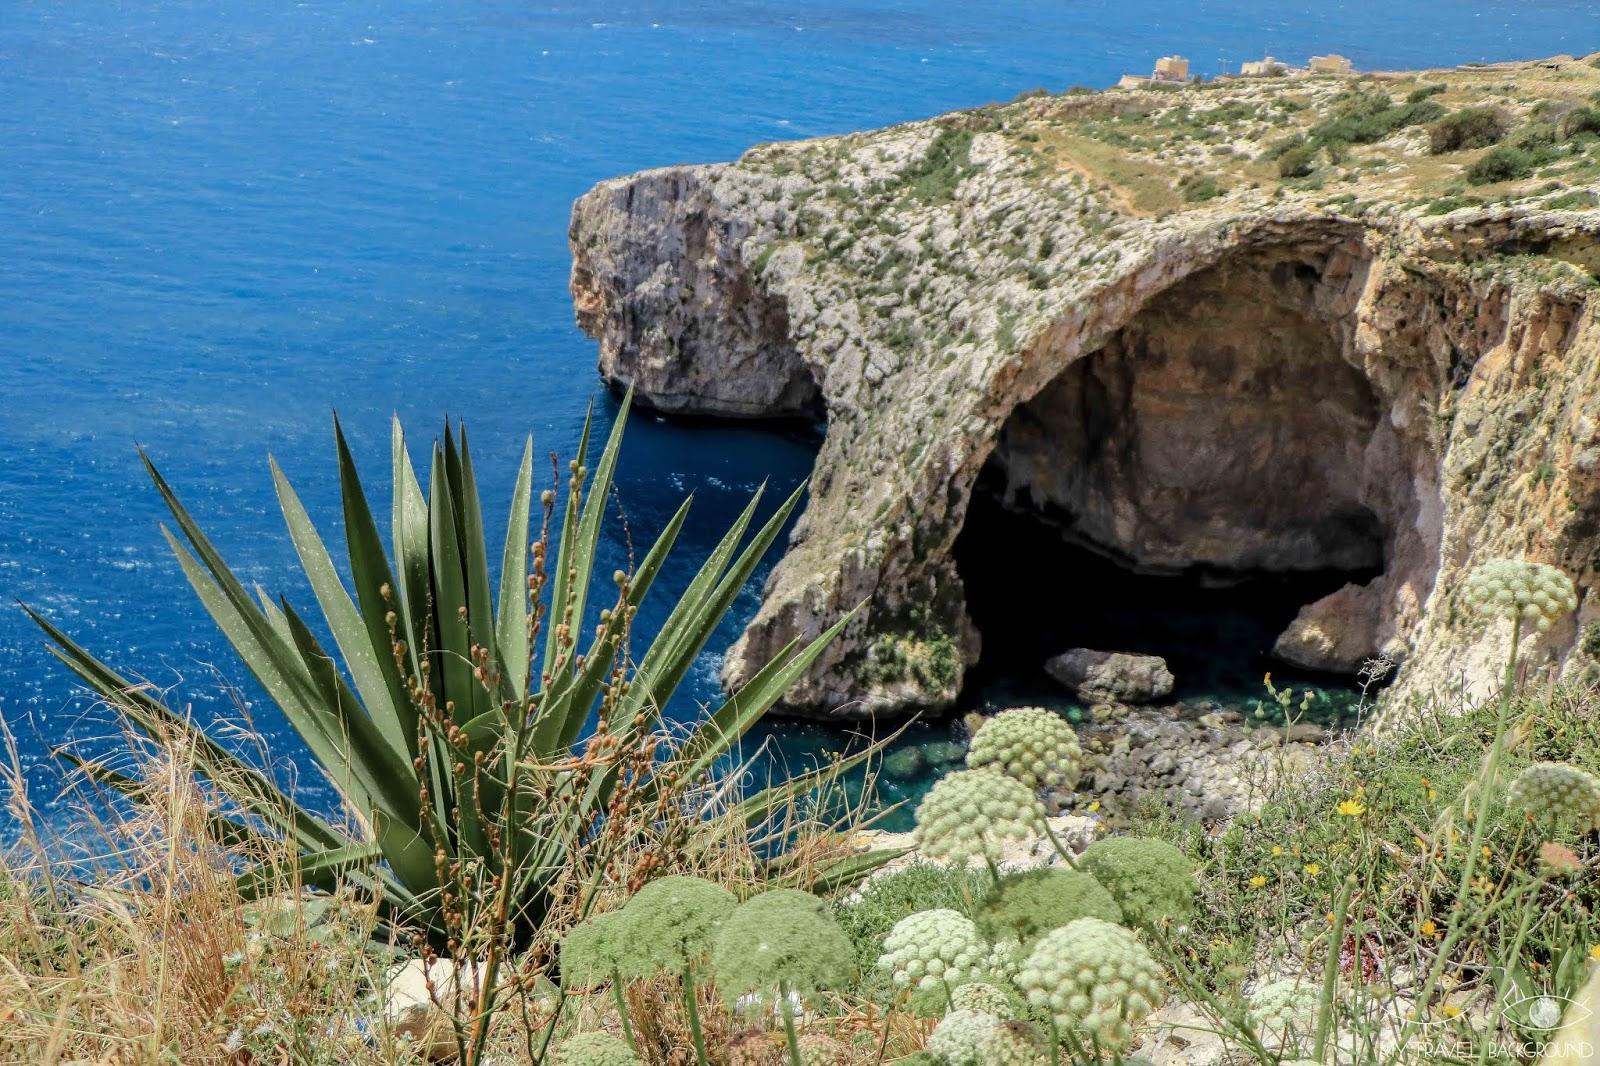 My Travel Background : les incontournables de Malte, Île de Malte (partie 1)  - La grotte bleue